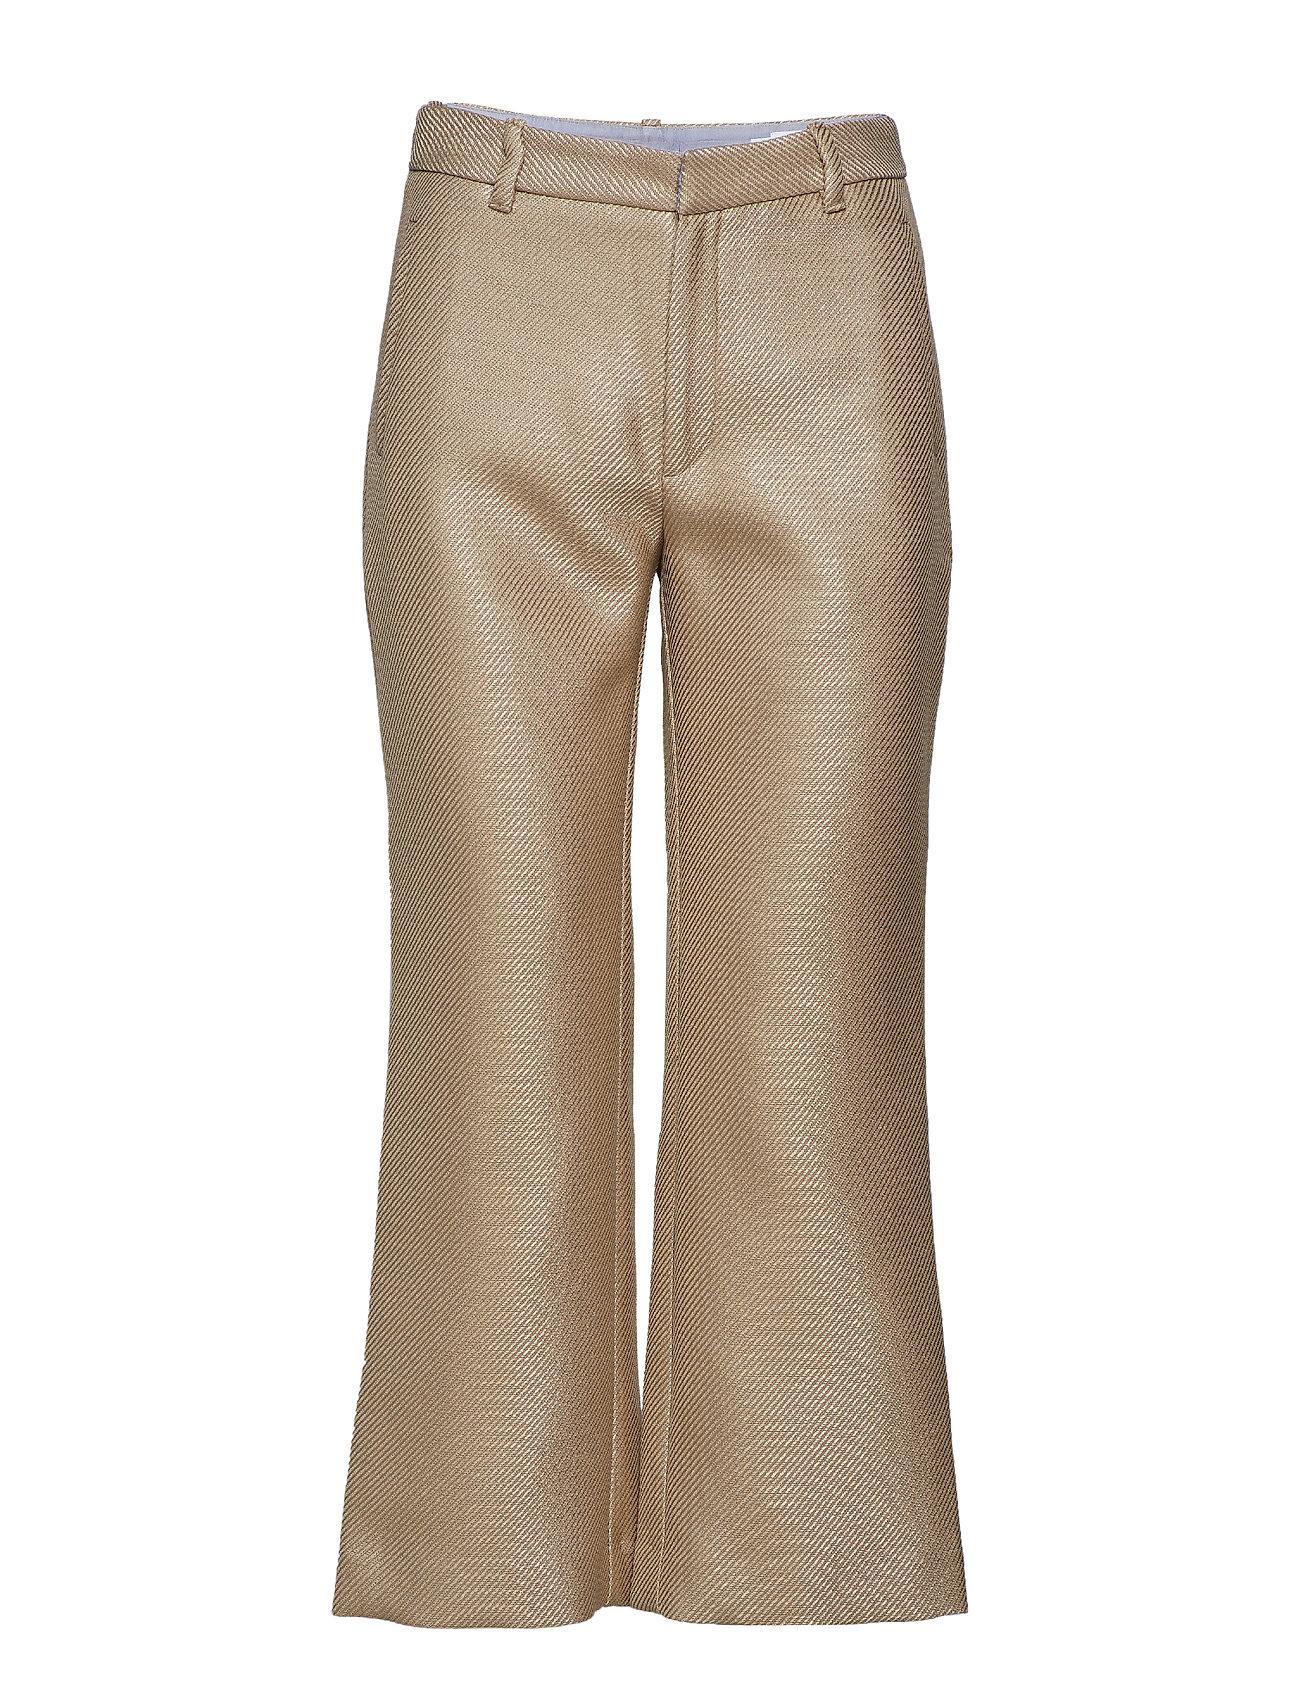 Hope High Trouser - BEIGE TWILL